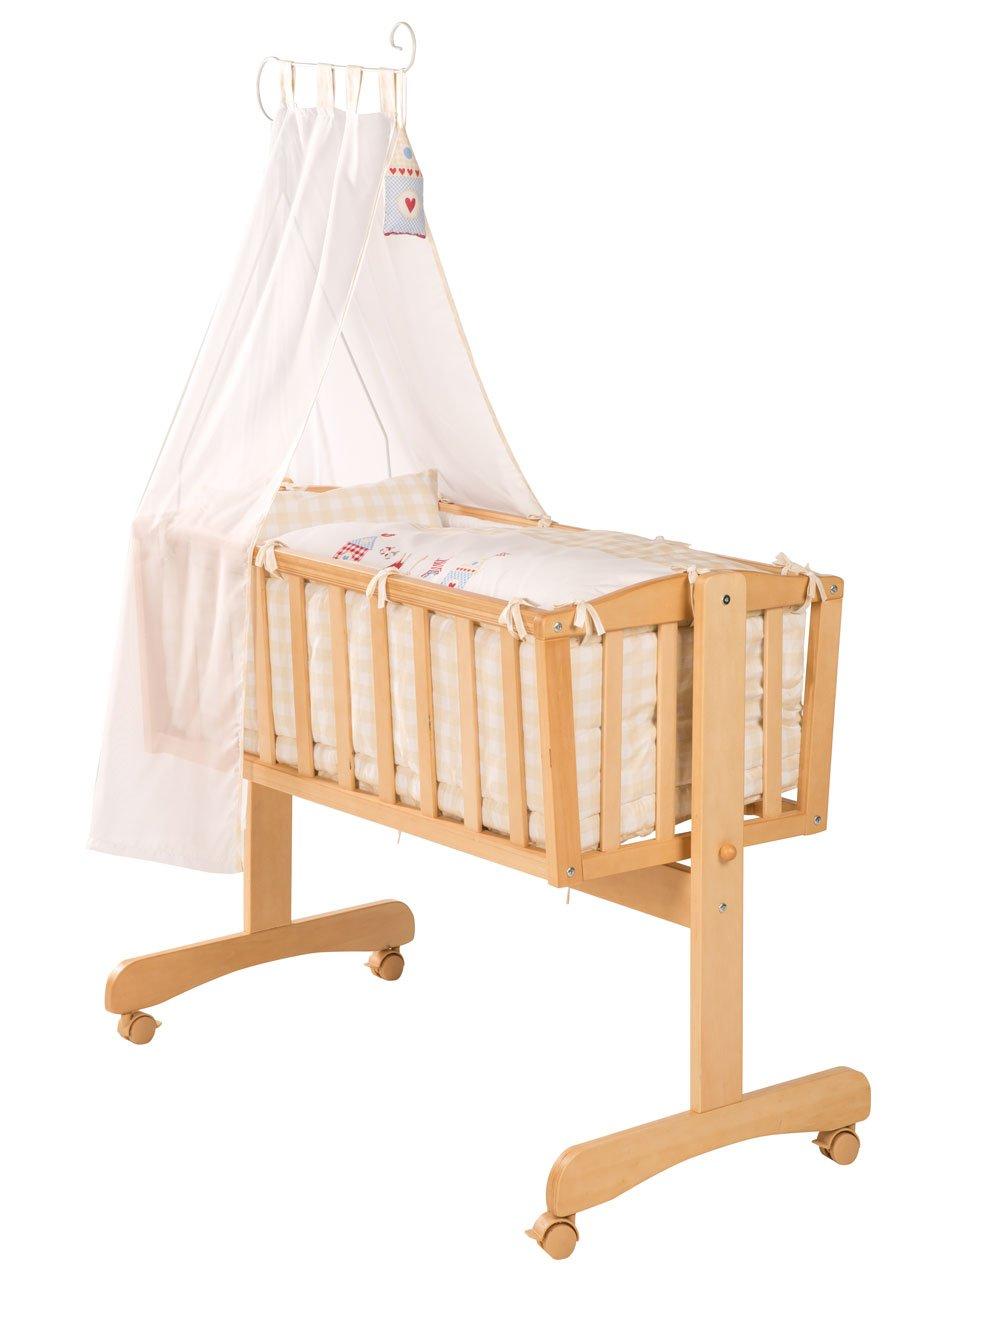 Komplettwiege in Holz natur mit Feststell-Funktion, Bremsrollen und kompletter textiler Ausstattung, Liegefläche: ca. 90 x 40 cm bestellen